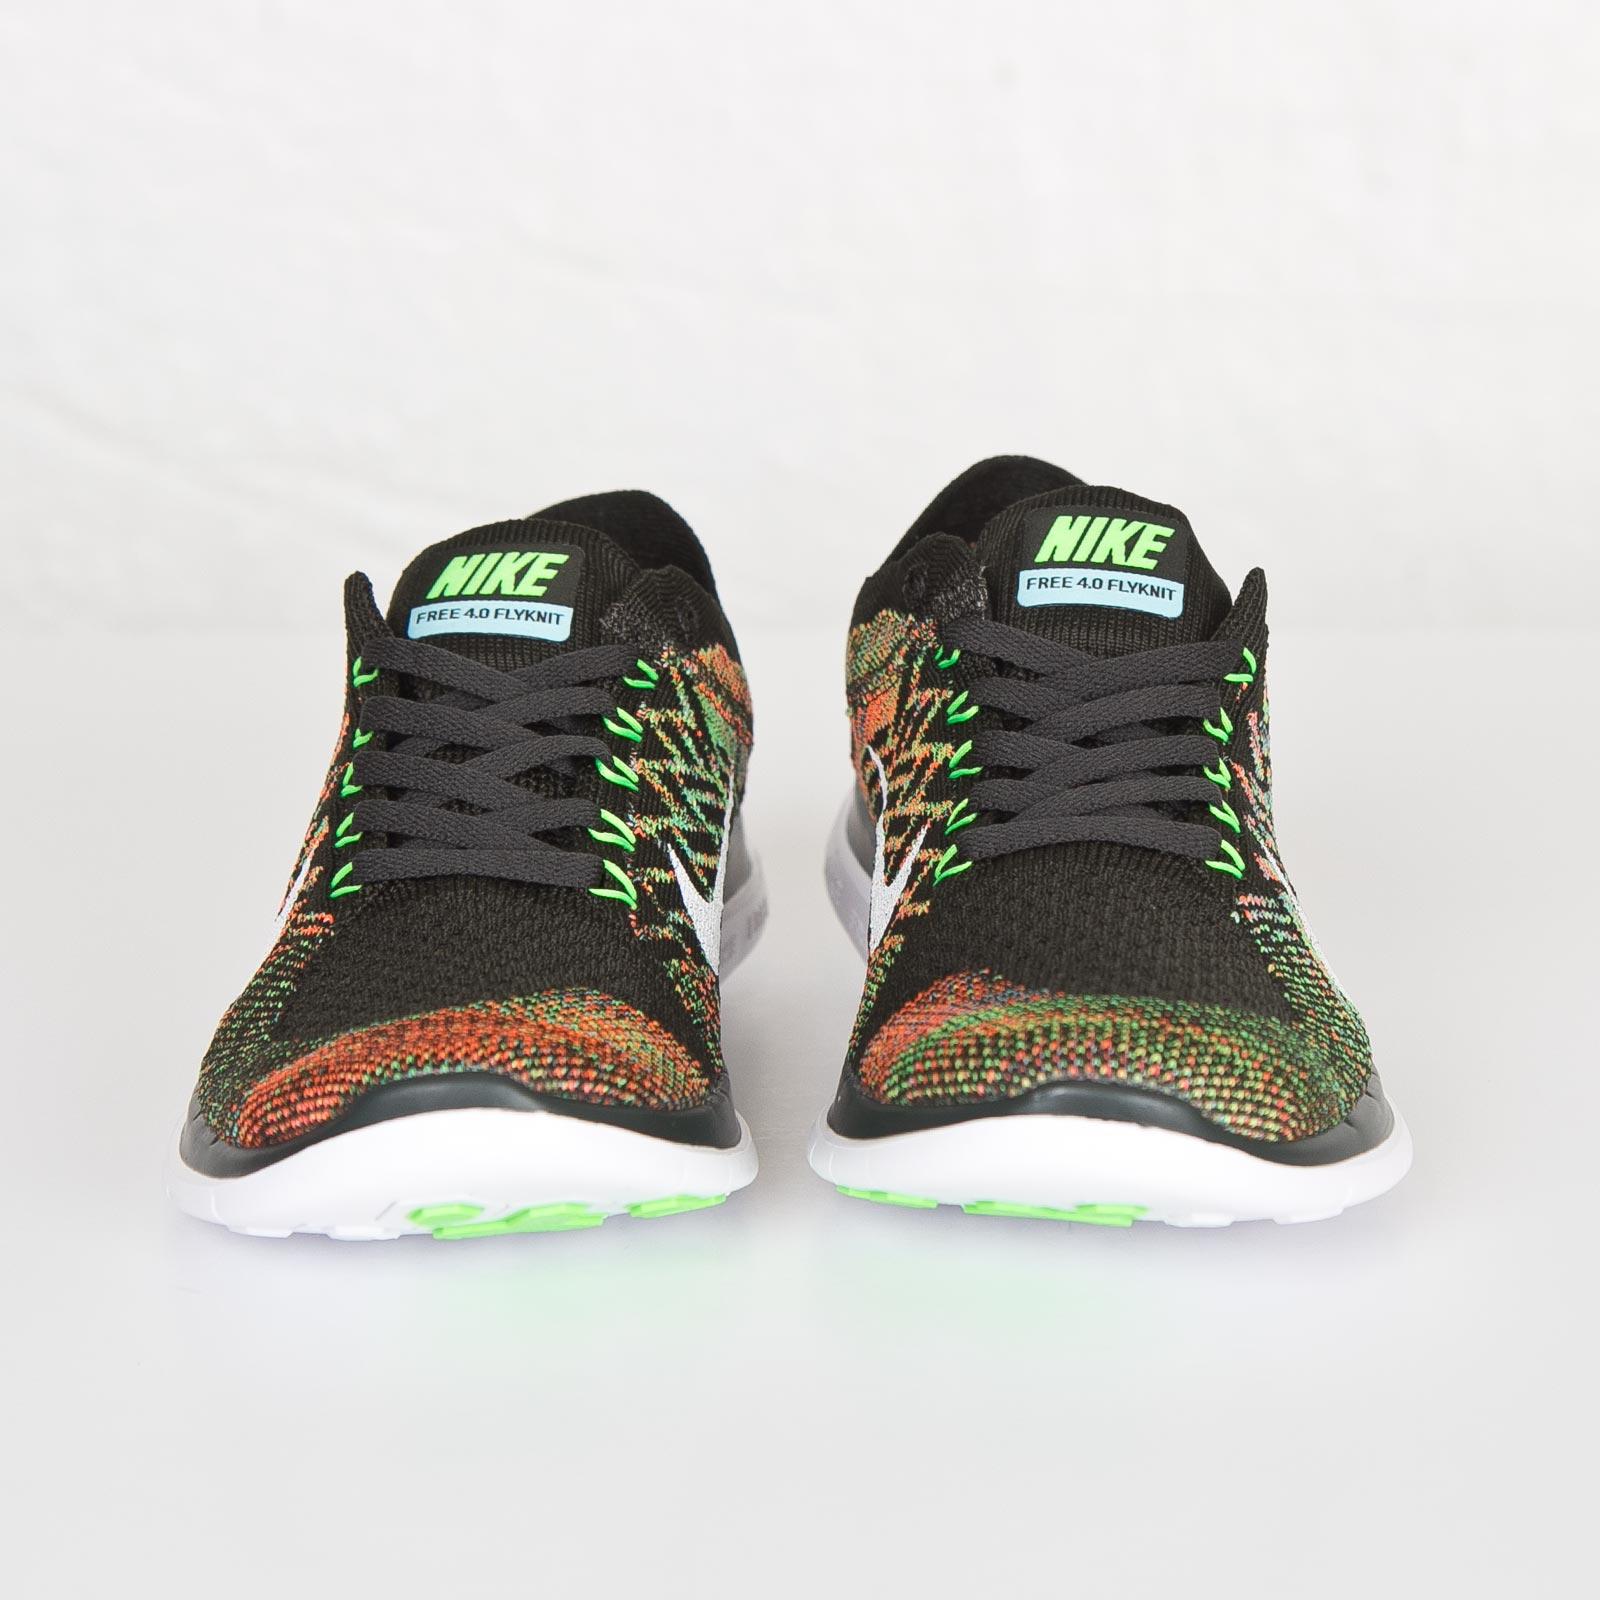 purchase cheap b4803 88d37 Nike Wmns Free 4.0 Flyknit - 717076-301 - Sneakersnstuff   sneakers    streetwear online since 1999